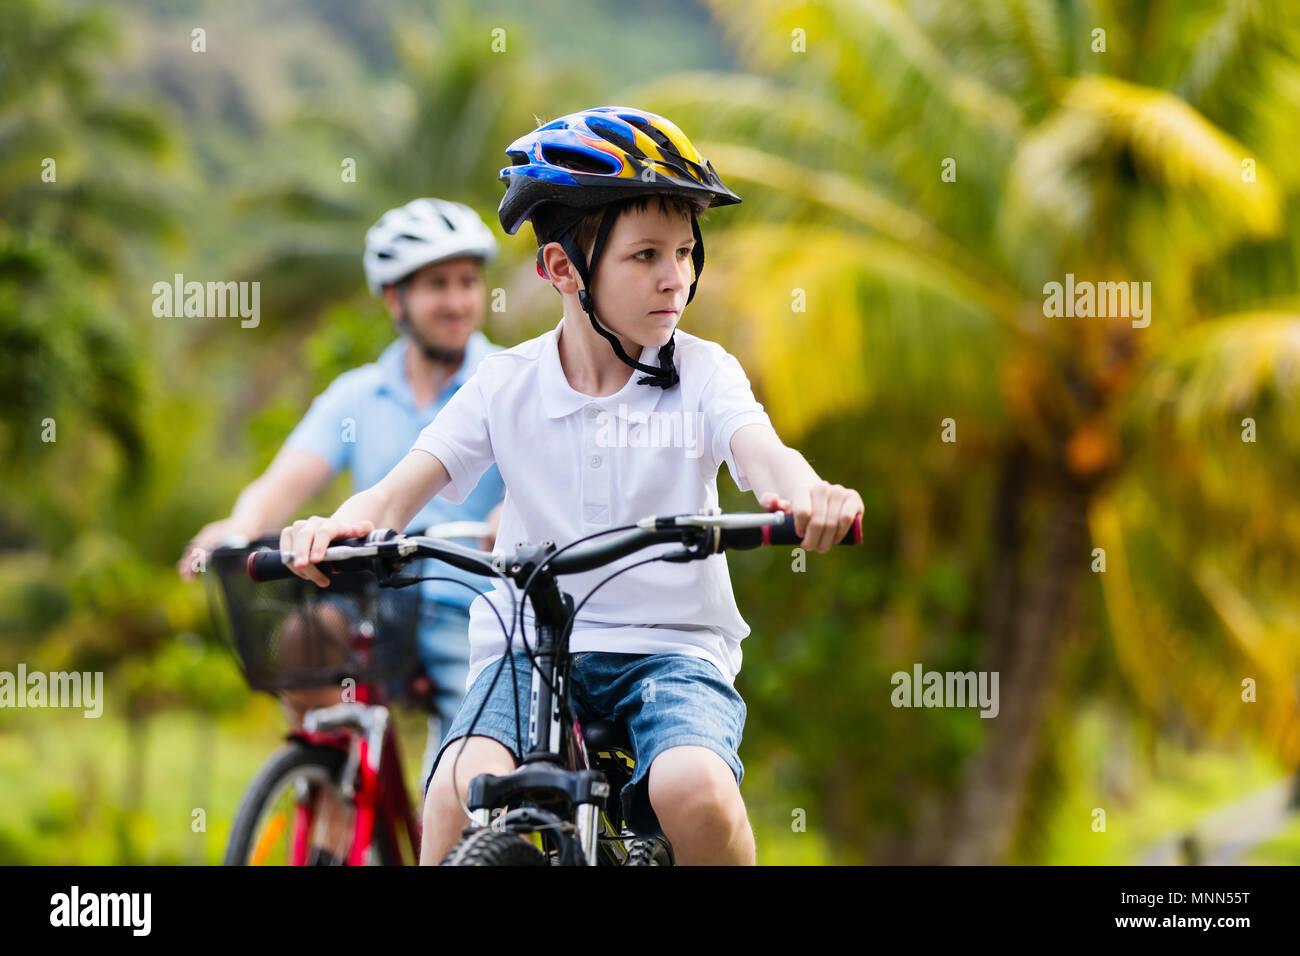 Familie von Vater und Sohn Radtouren an tropischen Einstellungen Stockbild